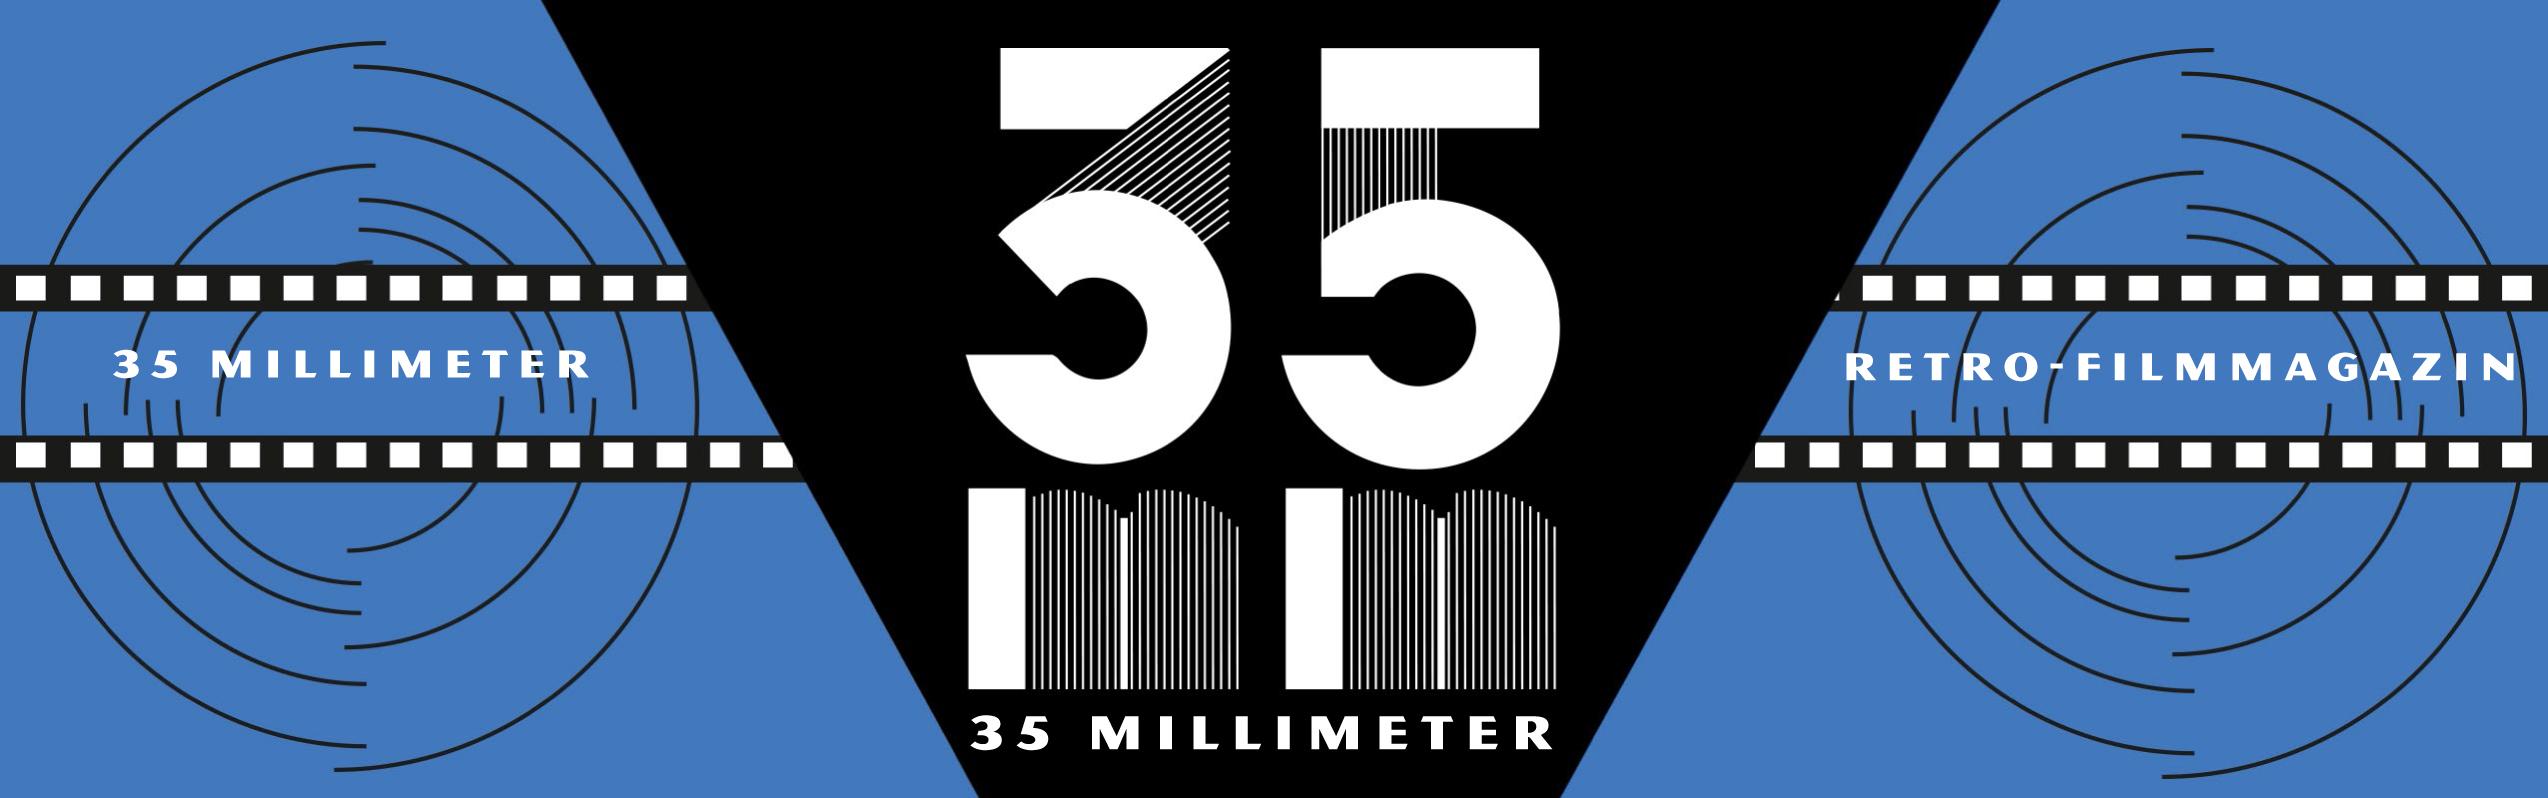 35 Millimeter